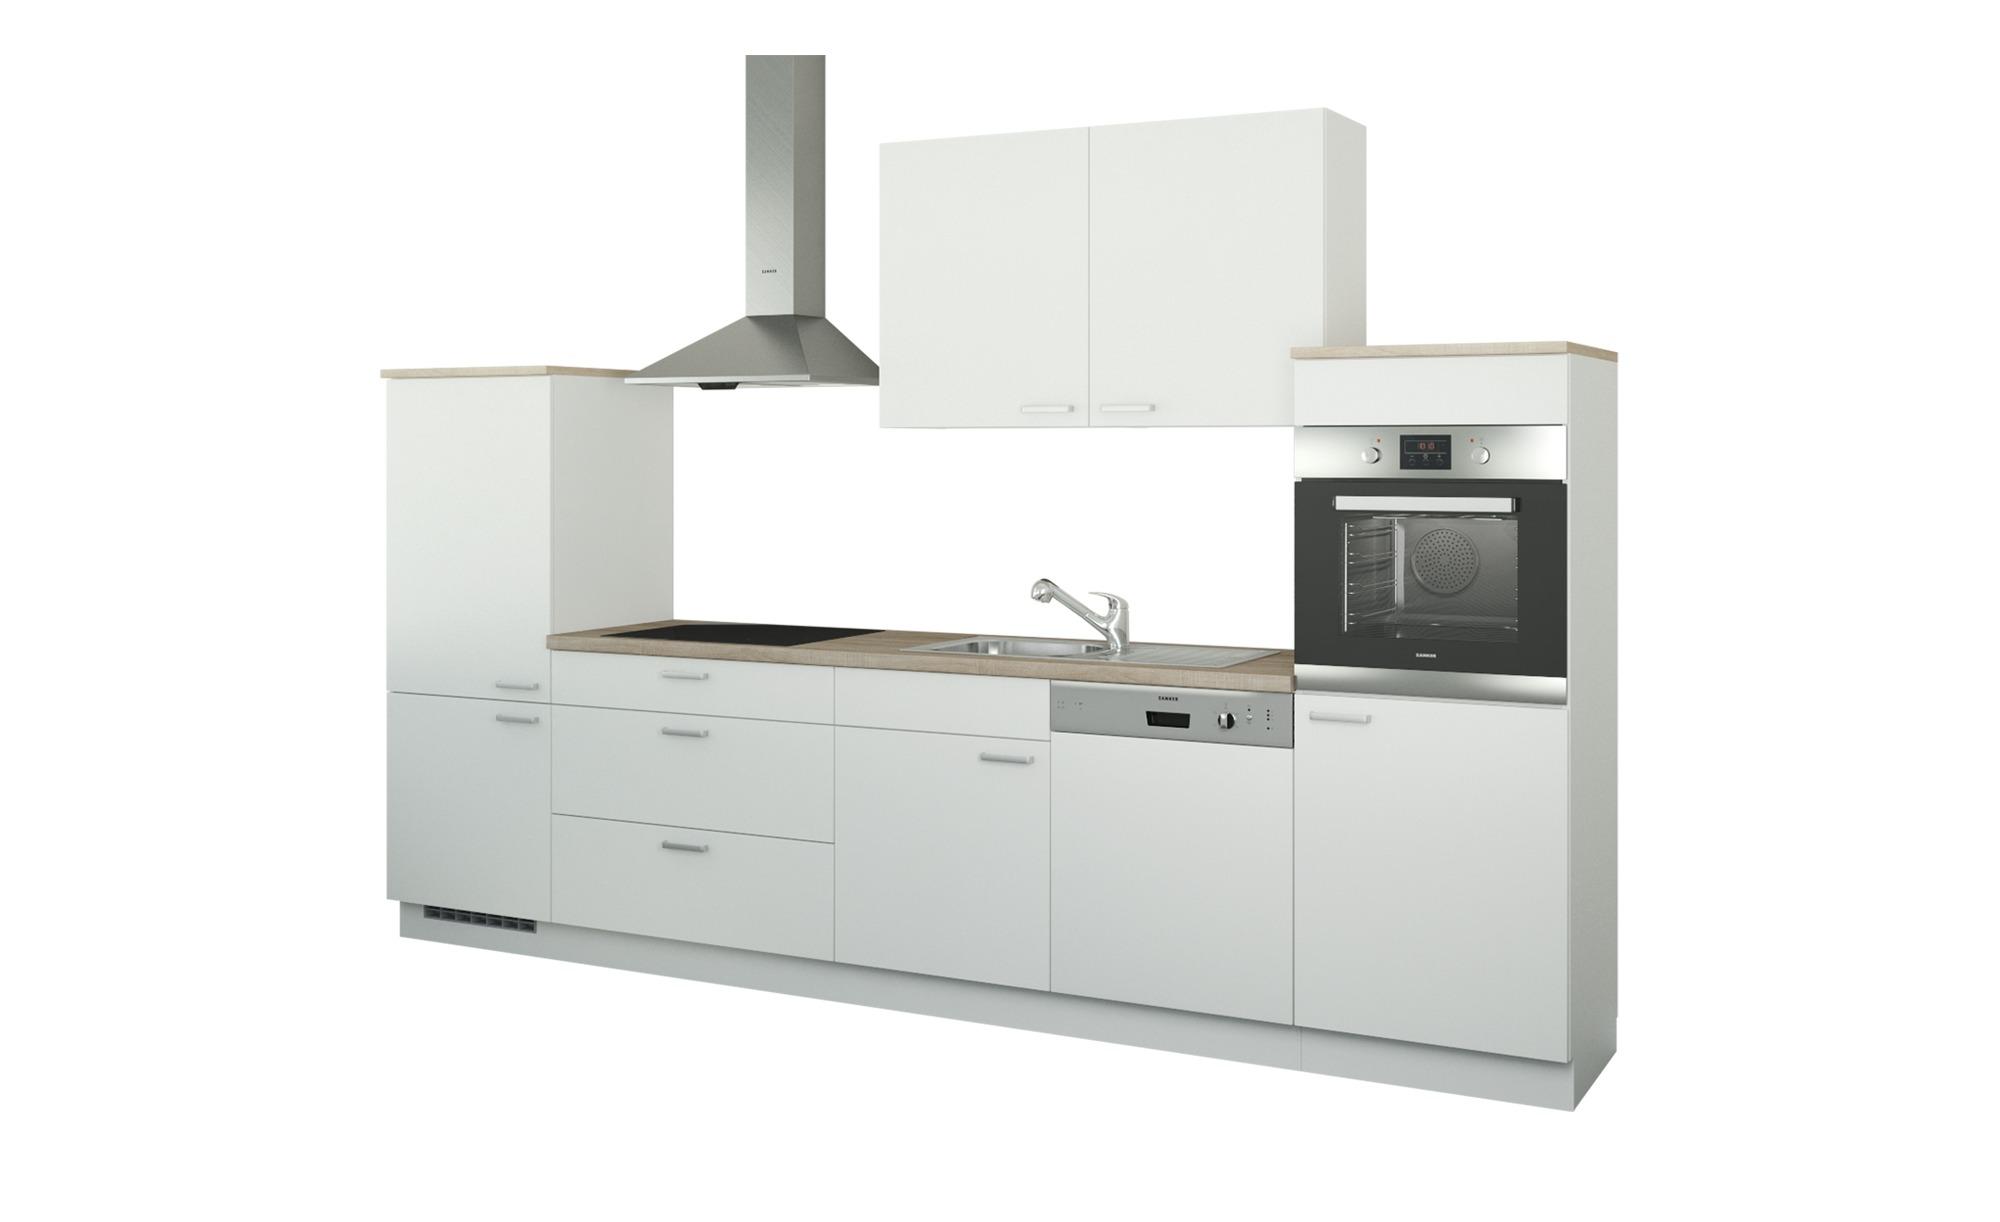 Küchenzeile ohne Elektrogeräte  Neuss ¦ weiß ¦ Maße (cm): B: 330 Küchen > Küchenblöcke ohne E-Geräte - Höffner